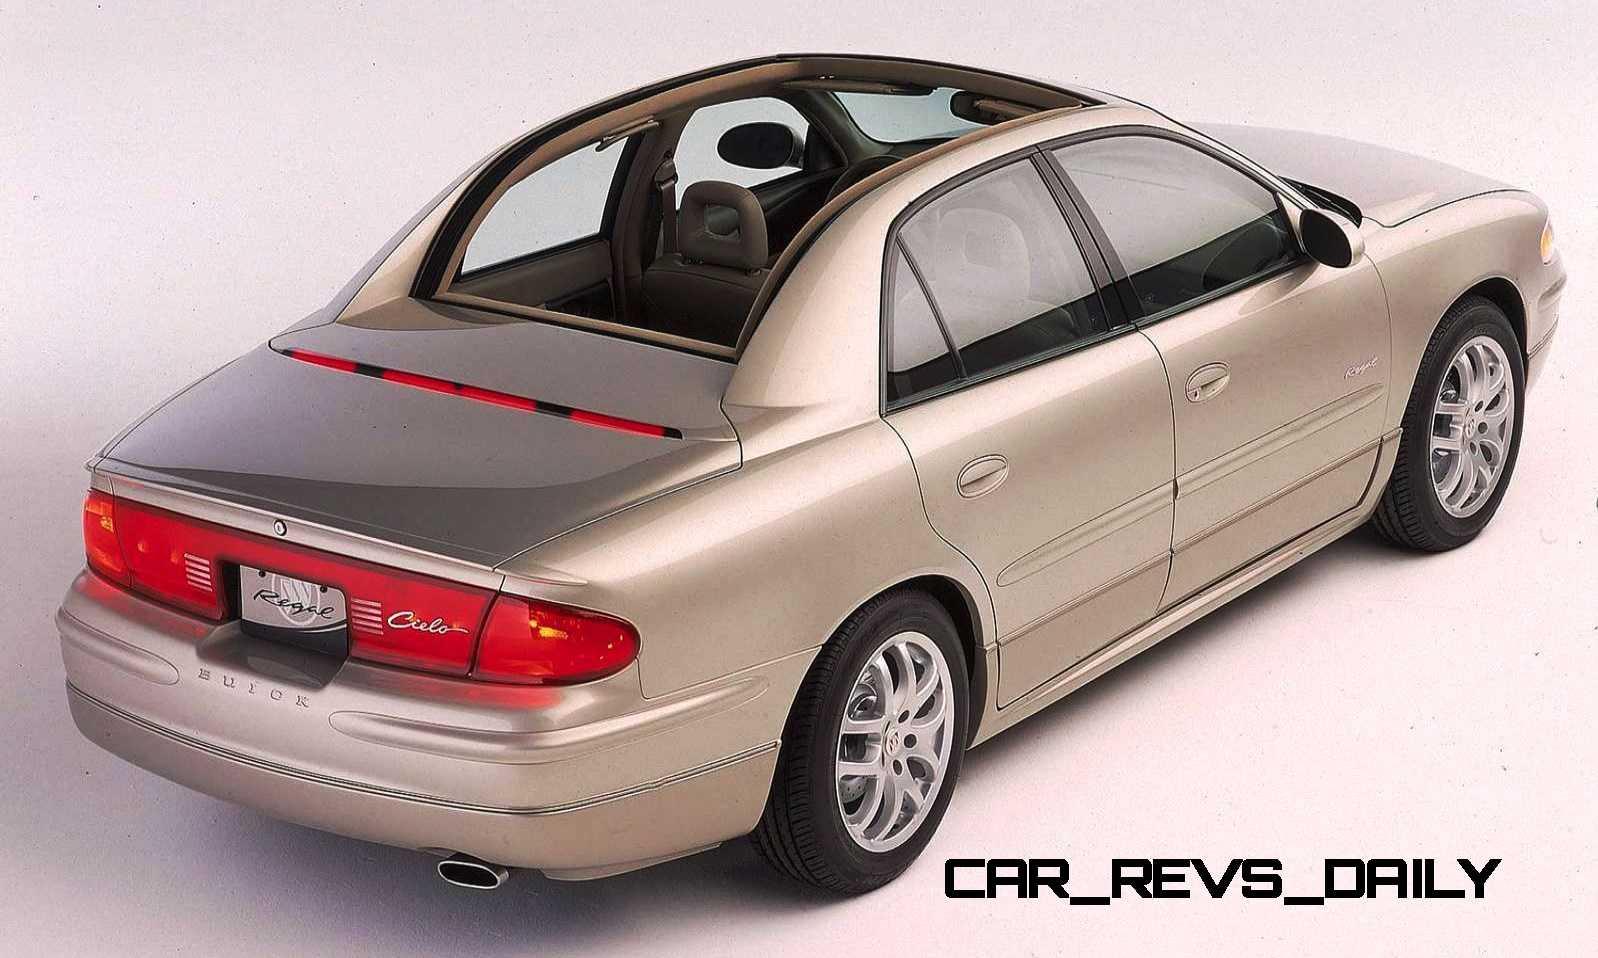 http://www.car-revs-daily.com/wp-content/uploads/2014/12/2000-Buick-Regal-Cielo-3.jpg